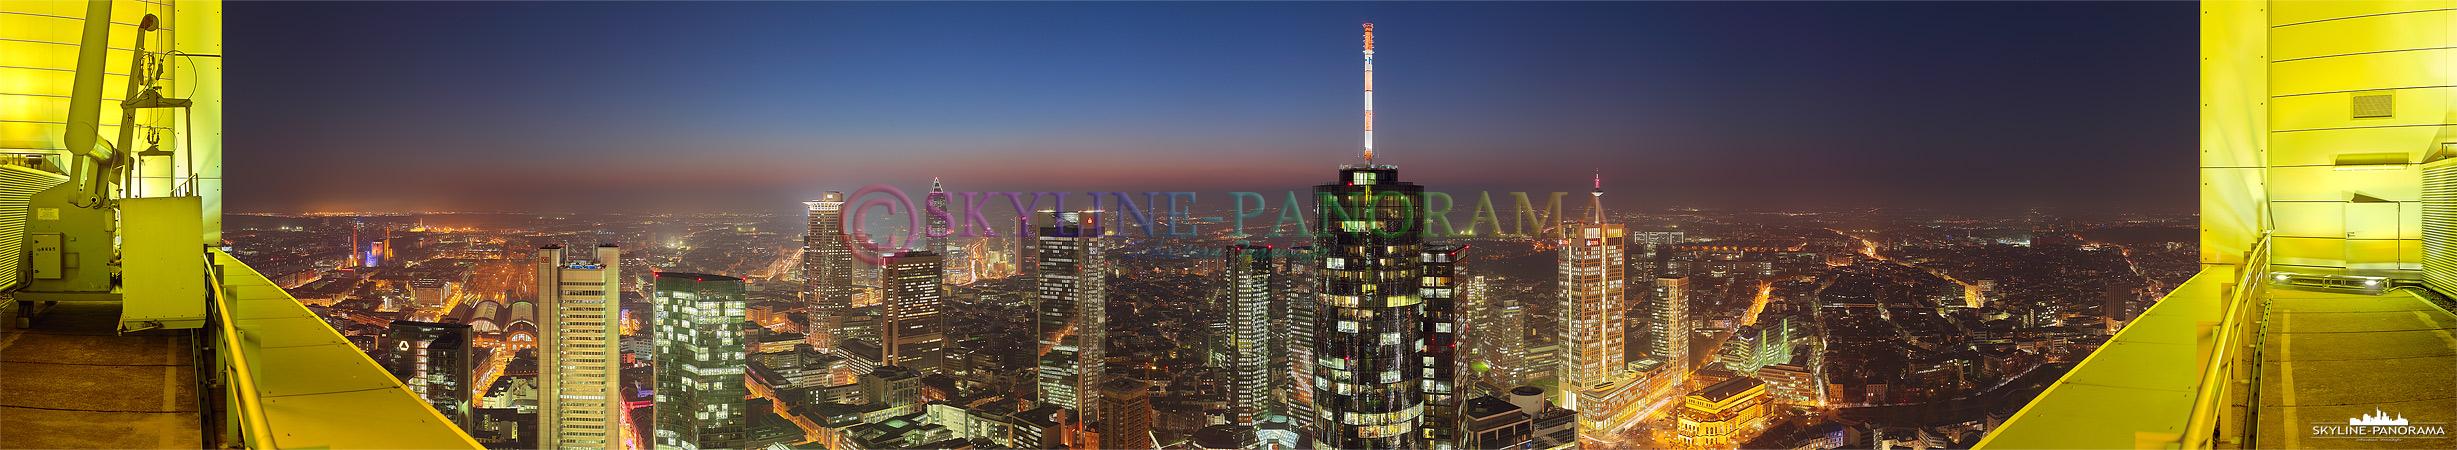 Panorama Frankfurt - Skyline Aussicht vom Hochhaus der Commerzbank Frankfurt.